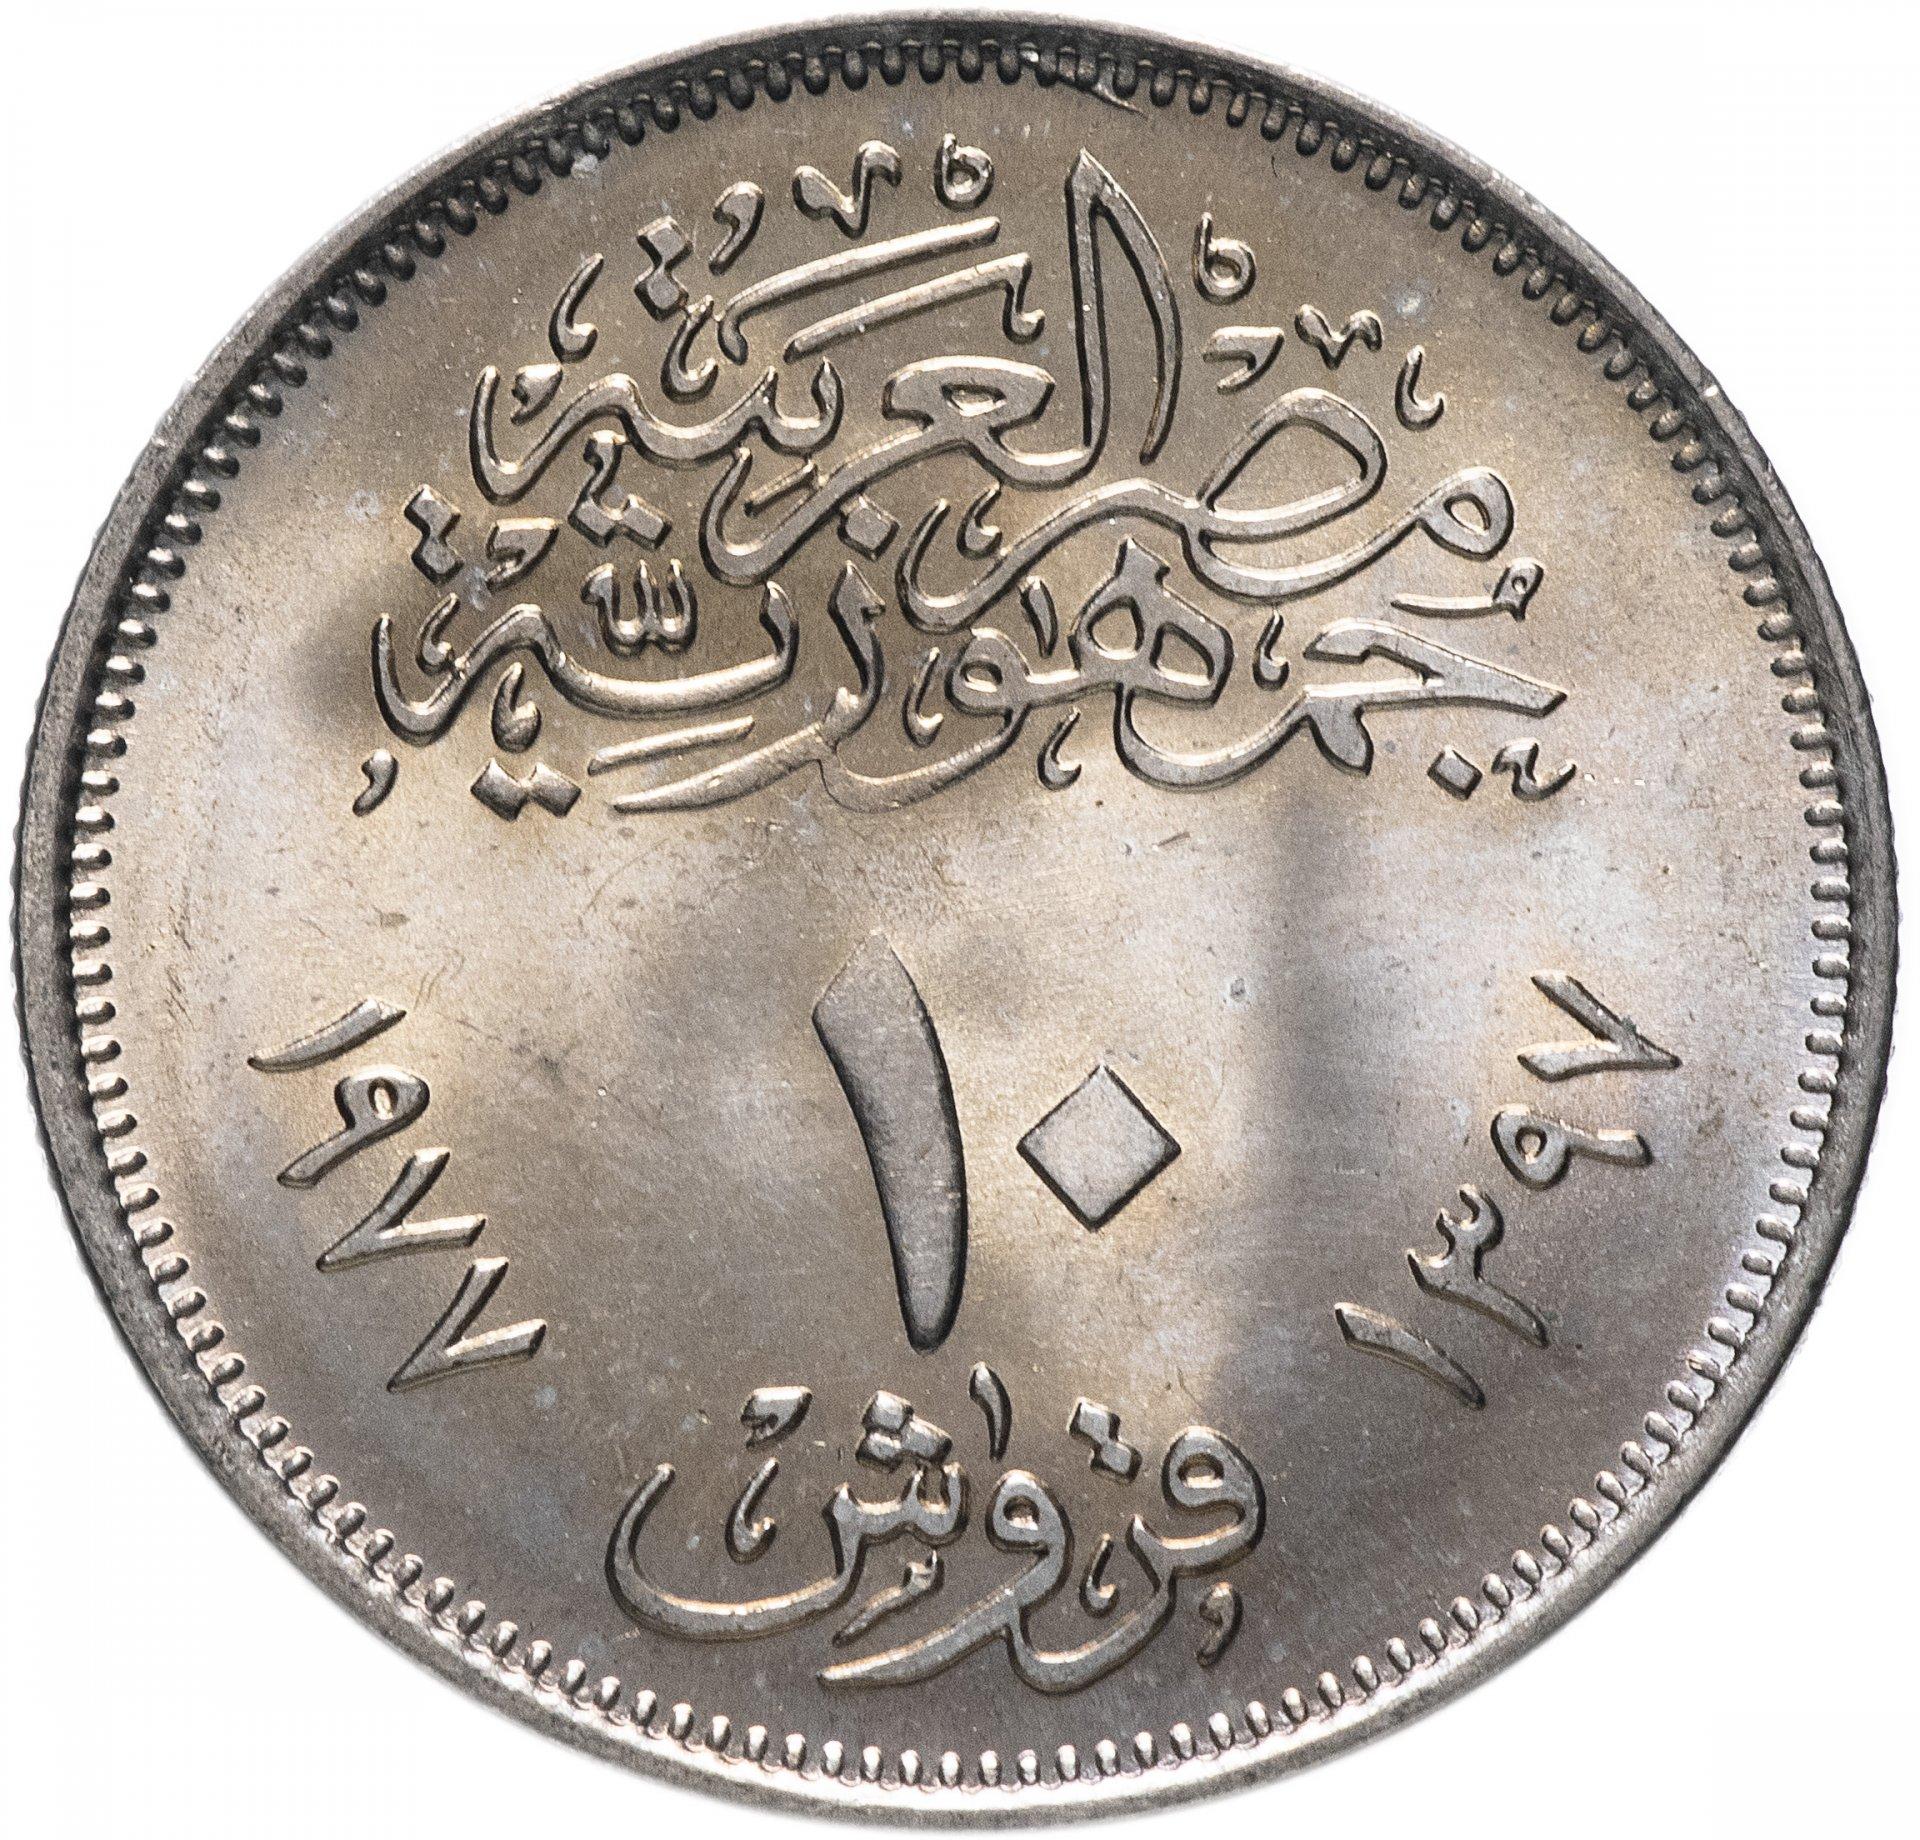 глистами рискуют египетские фунты и пиастры фото братья лес, вдруг